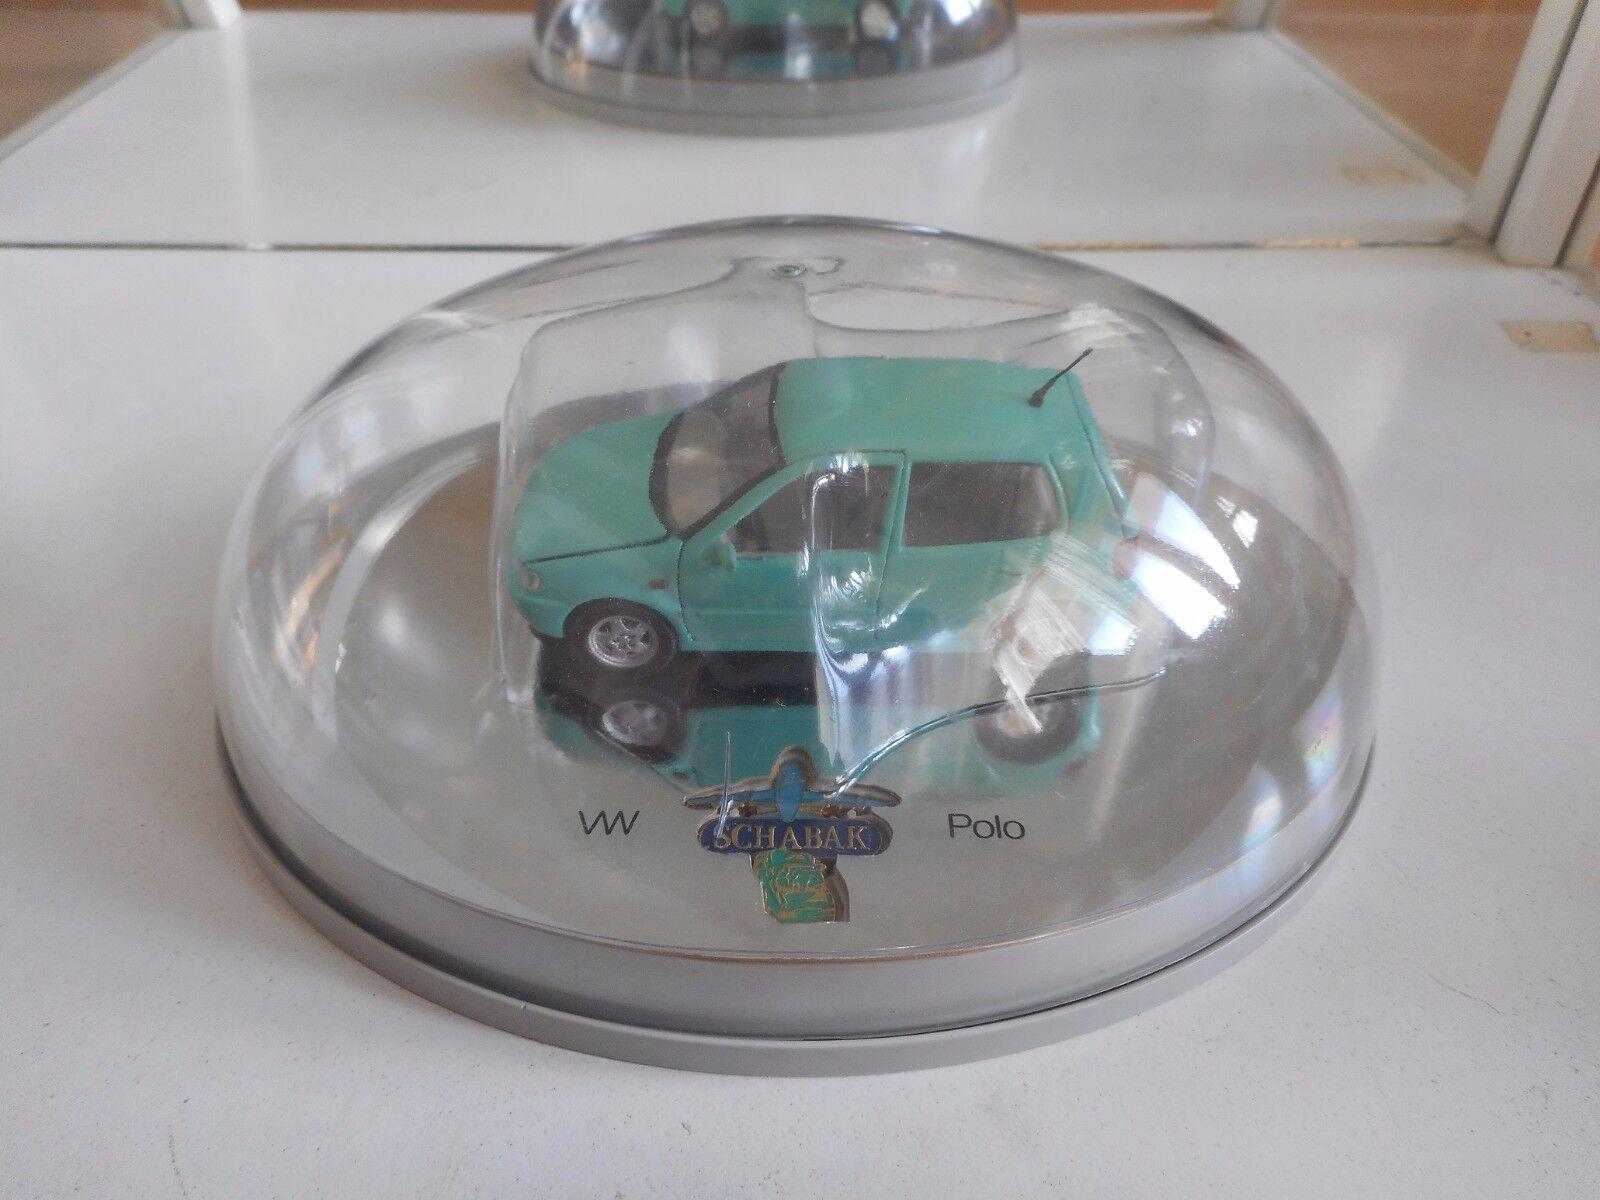 con 60% de descuento Schabak Polo 6N in in in Light verde on 1 43 in Box  precio mas barato